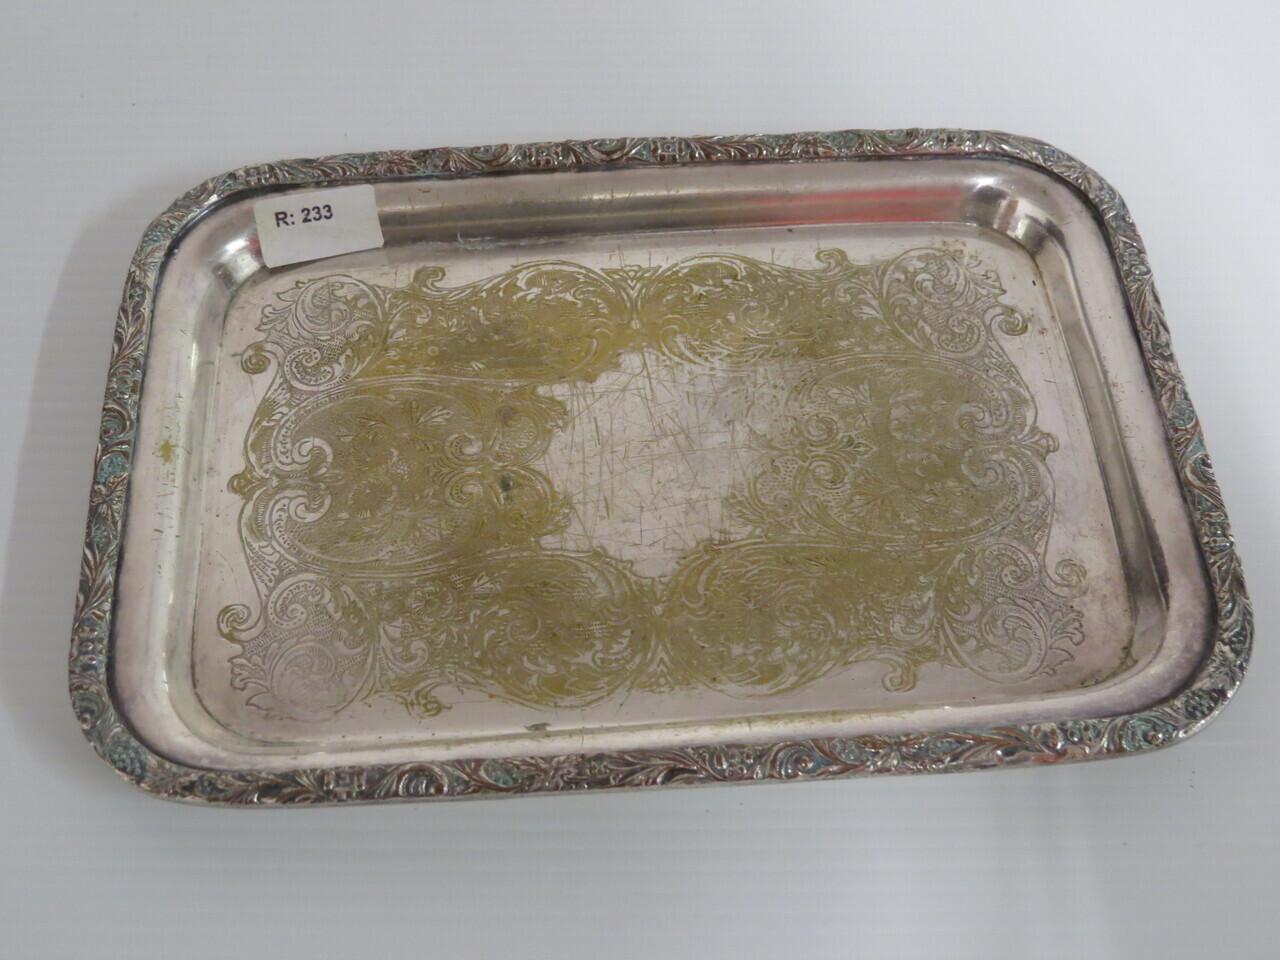 Lote: 10 - Lote: 10 - 3 bandejas de metal platinado selladas